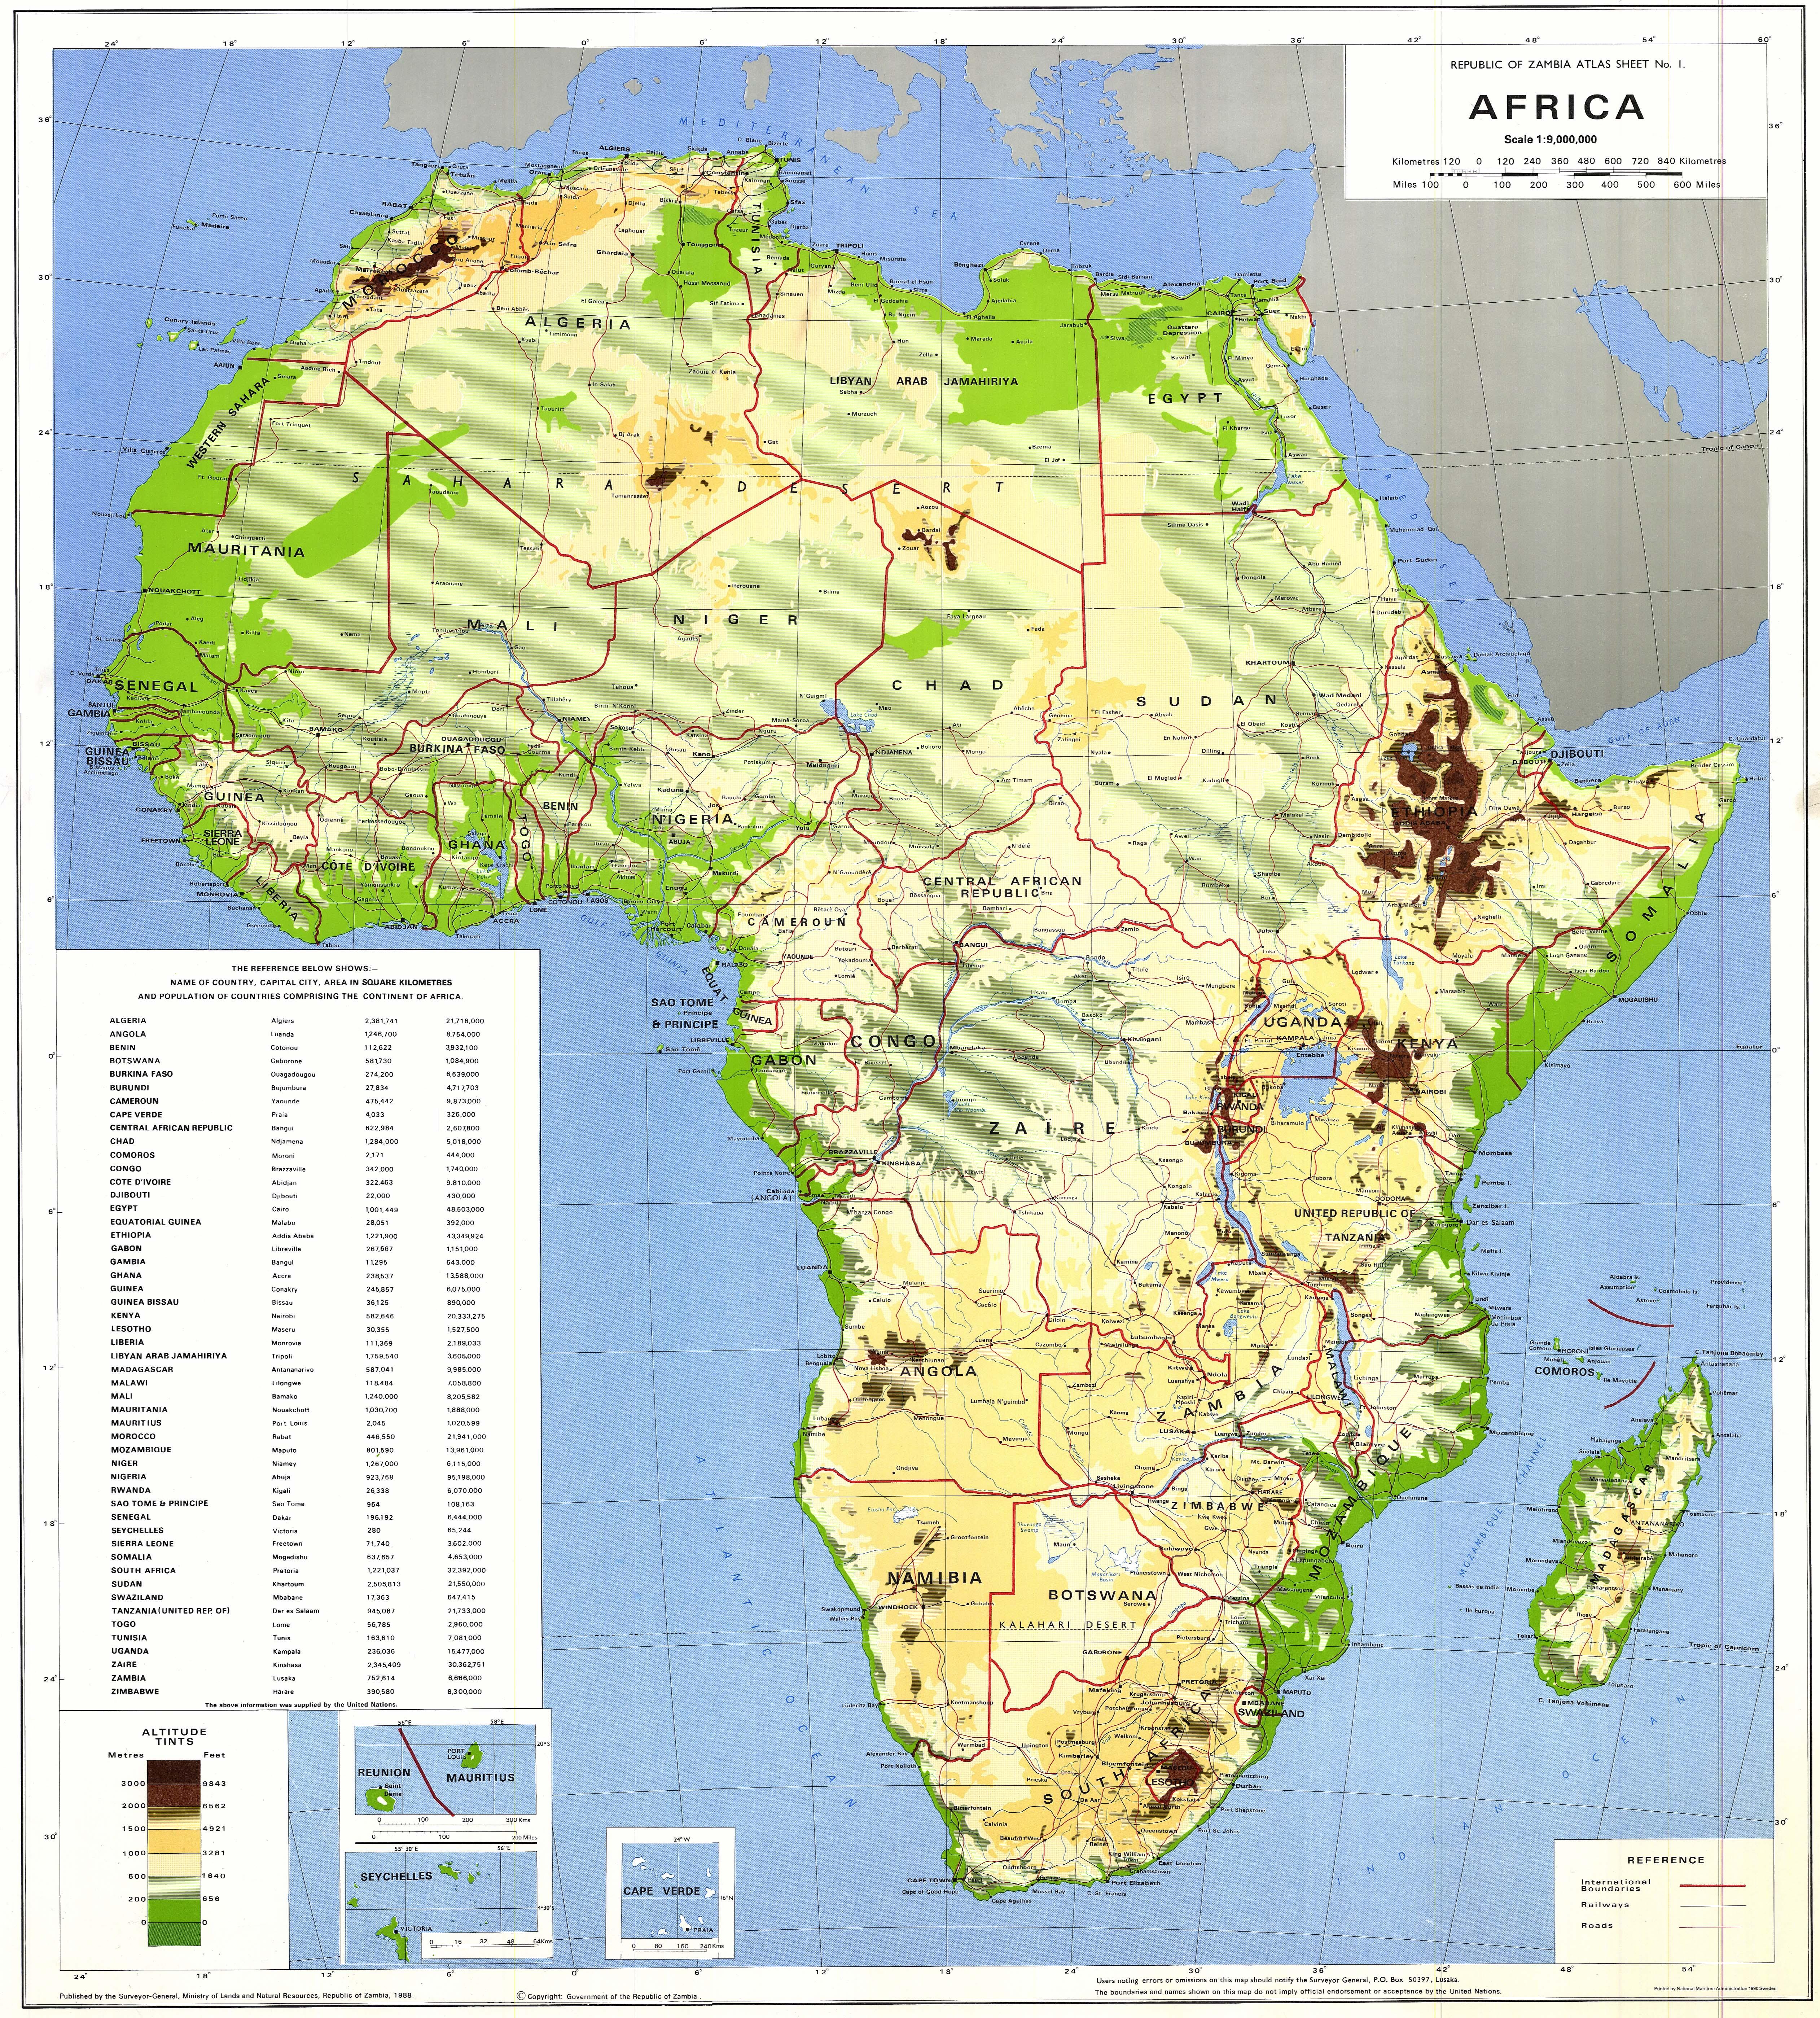 Africaphysicalmap1988 Good for latitude of Kili